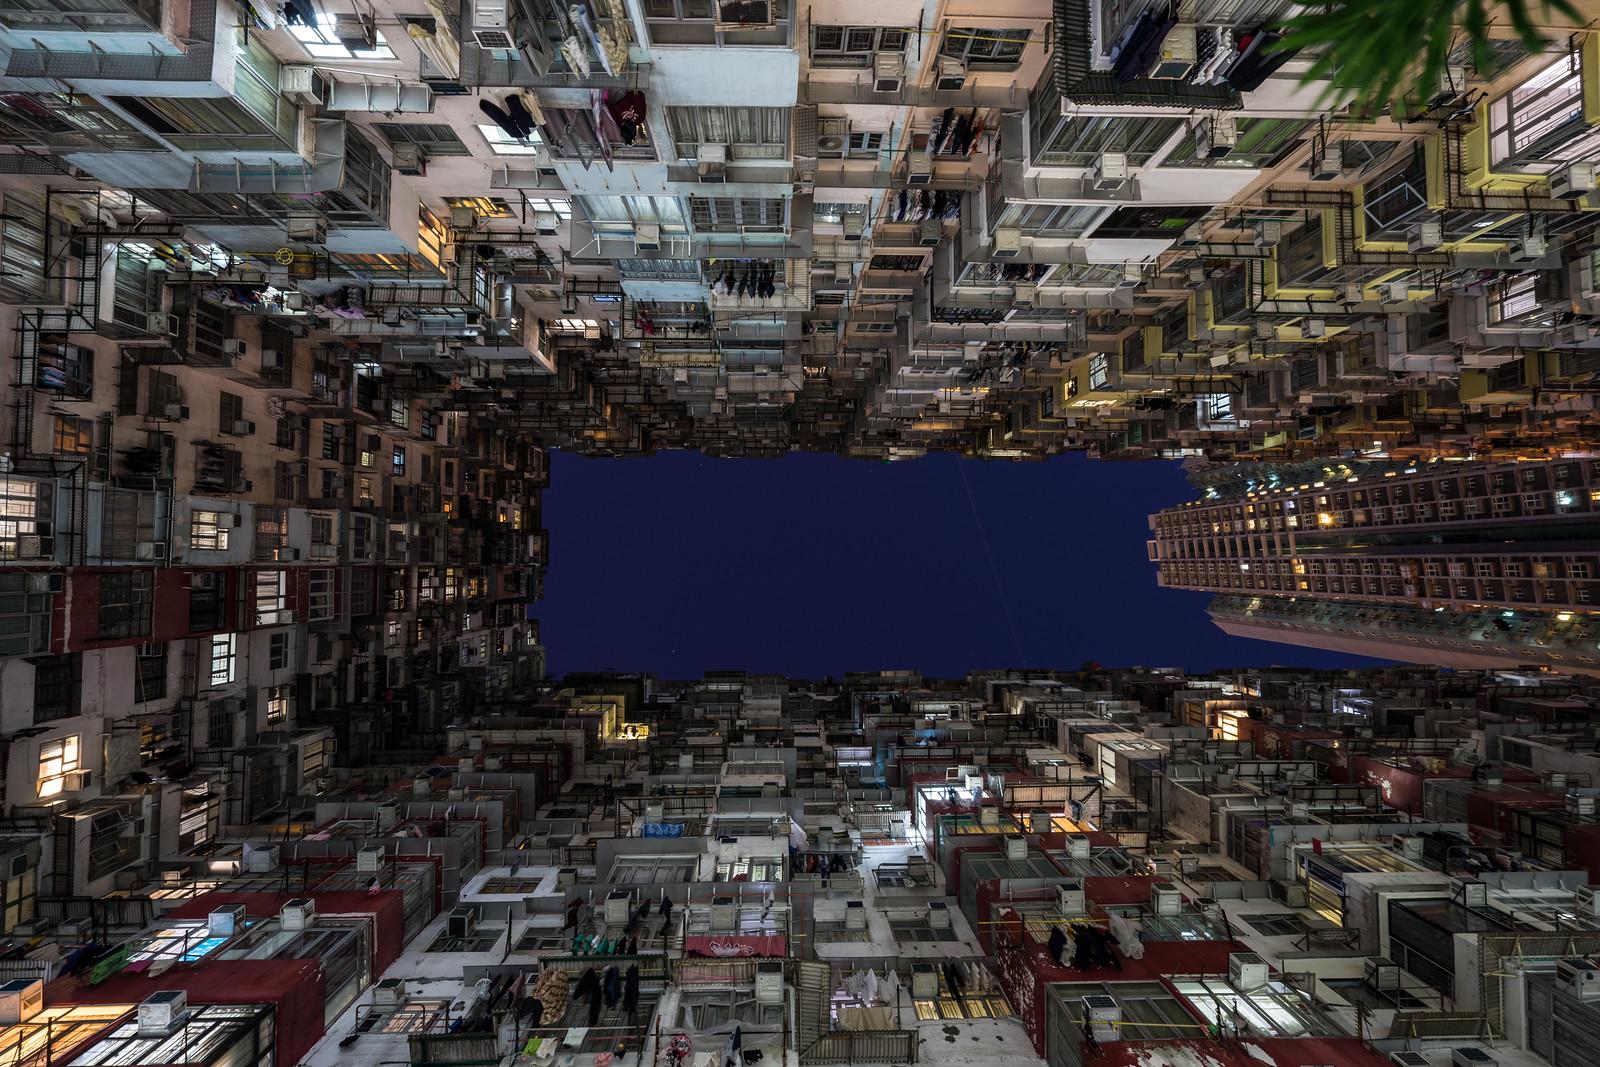 香港攝影景點 鰂魚涌海山樓(怪獸大廈),港鐵太古站著名打卡點,讓你回顧一下變形金剛的經典場景吧 ...